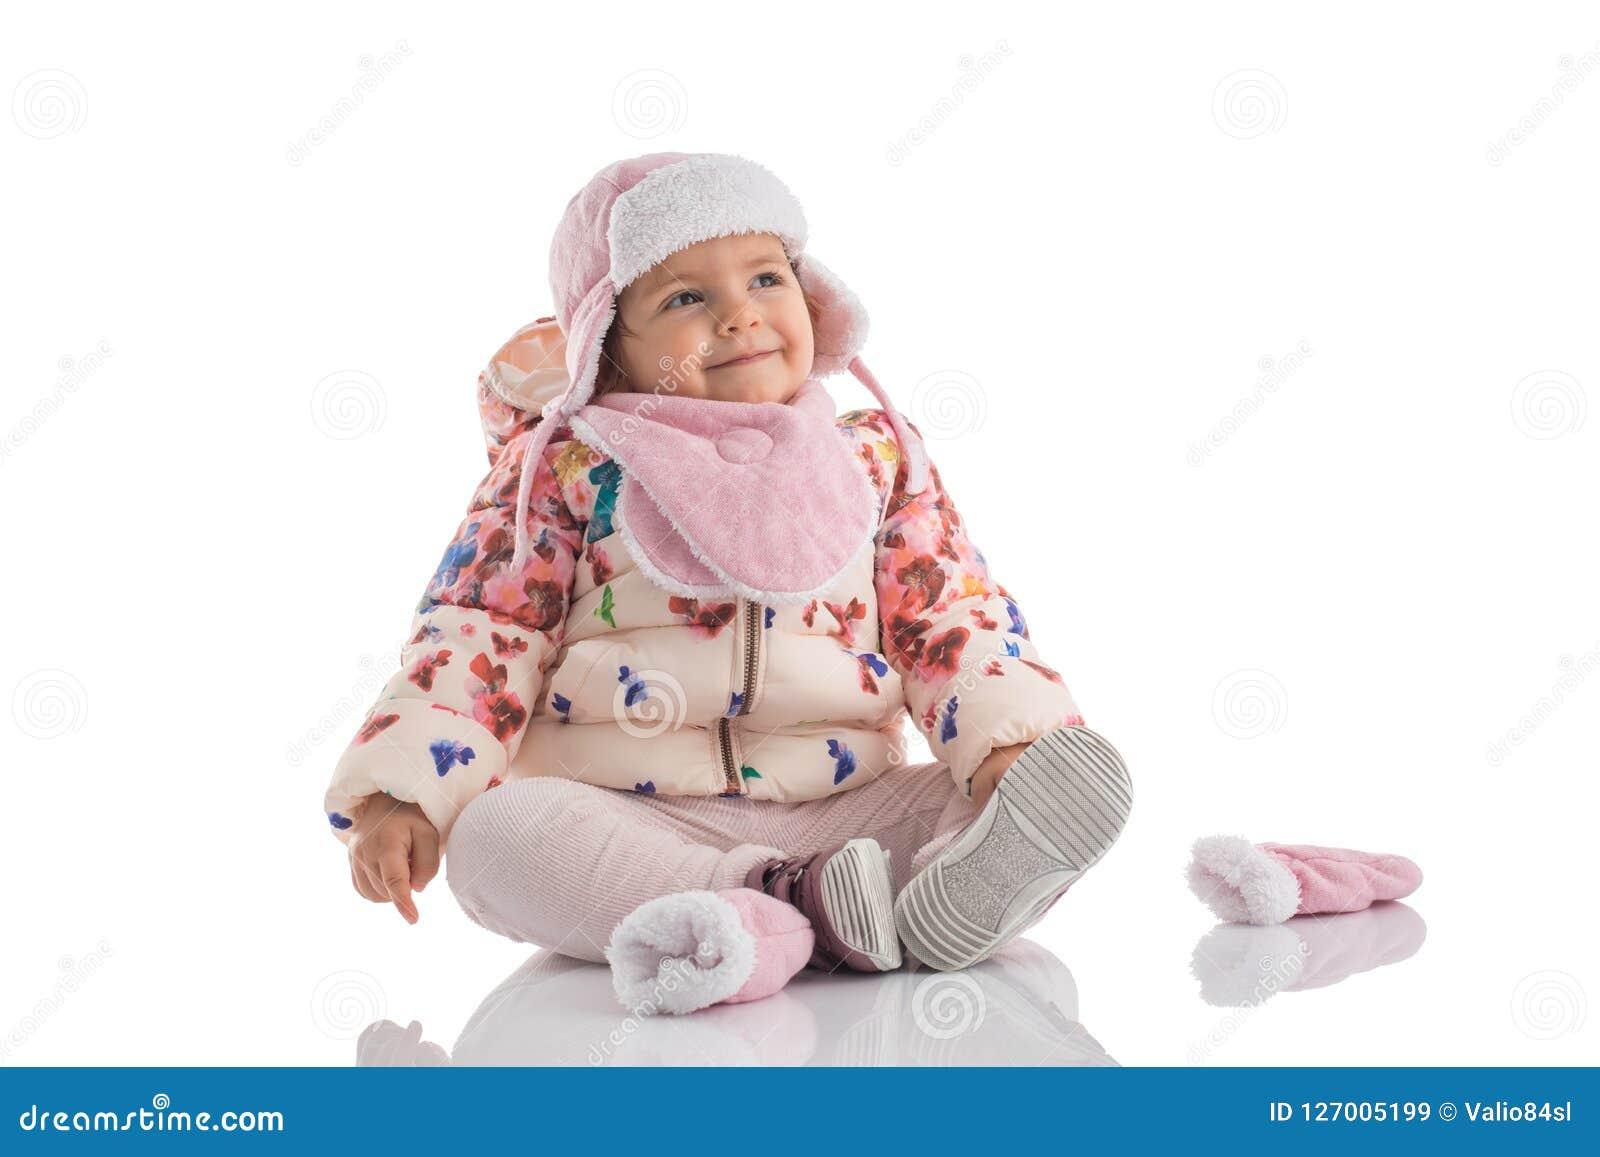 Porträt des glücklichen kleinen Babys, das rosa Winterhut und f trägt